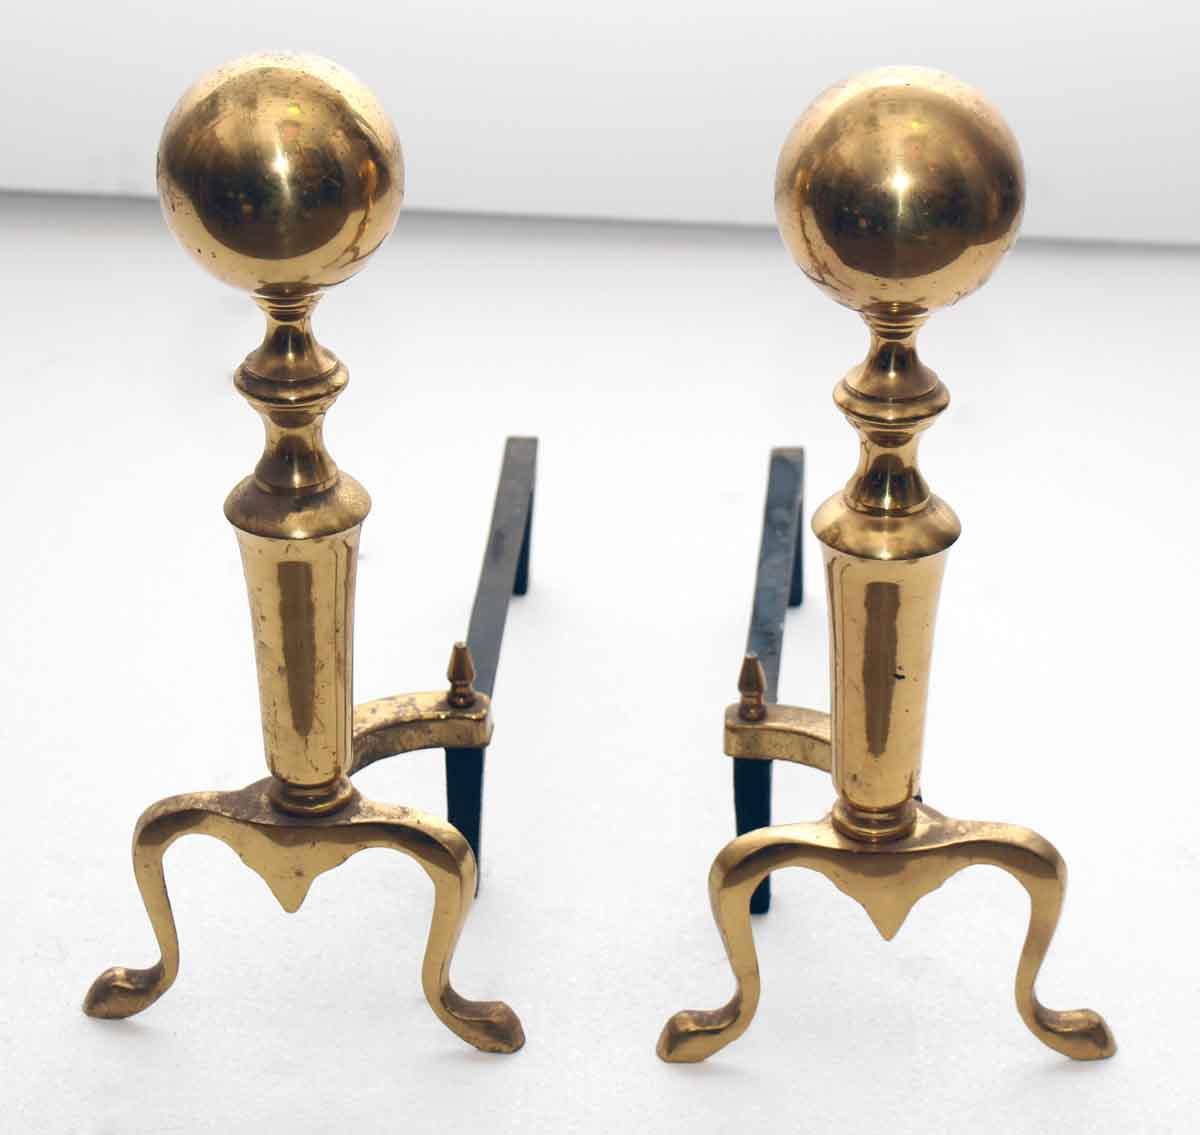 Cast Brass Quality Replica Andirons